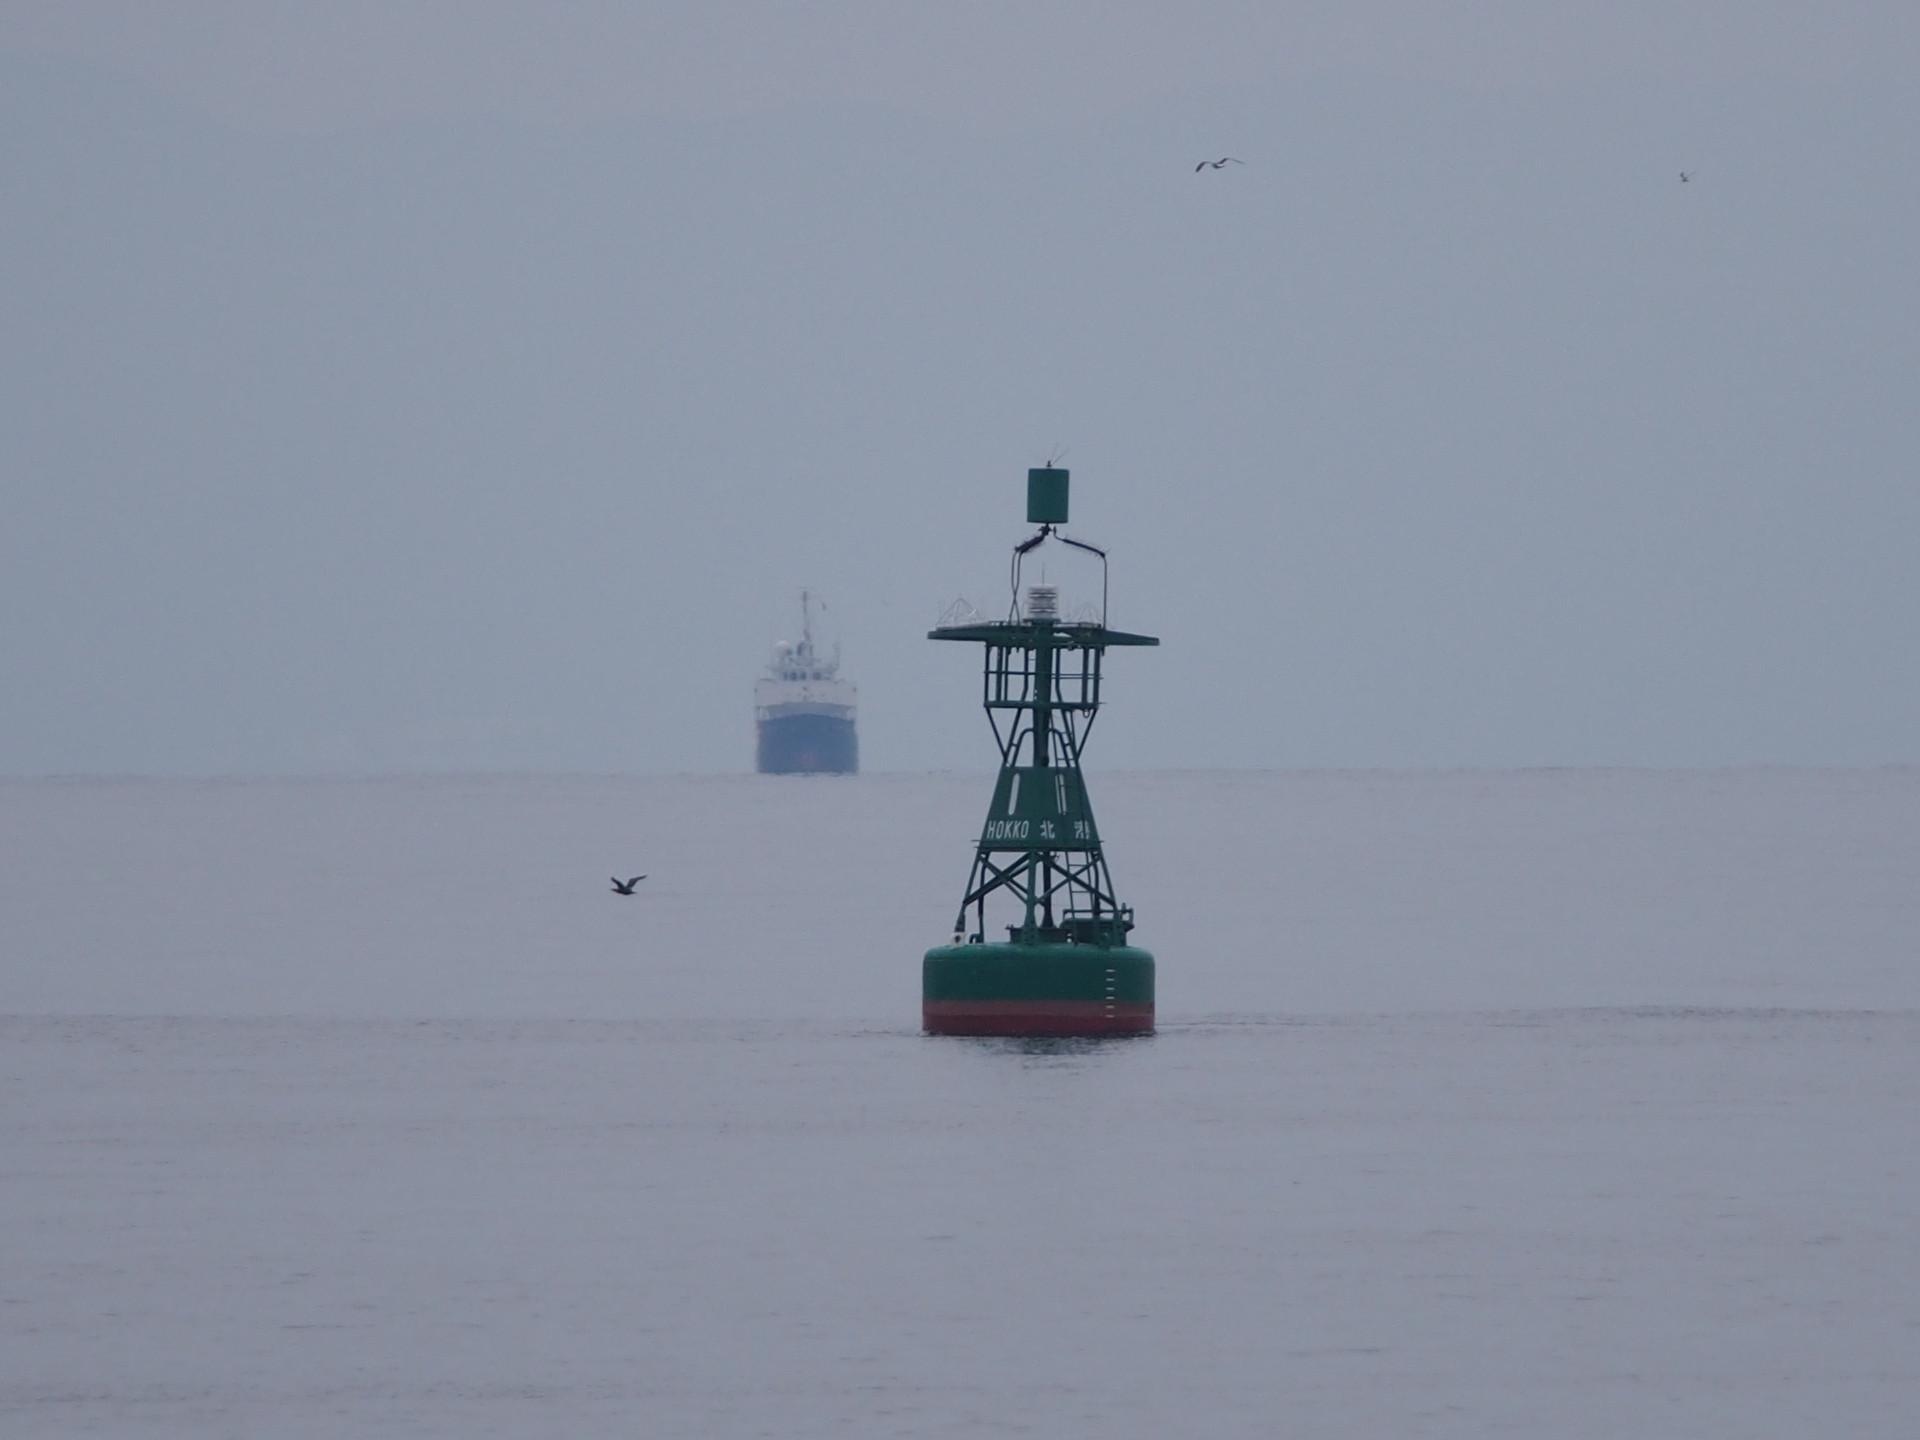 ブイの背後には大型貨物船です。